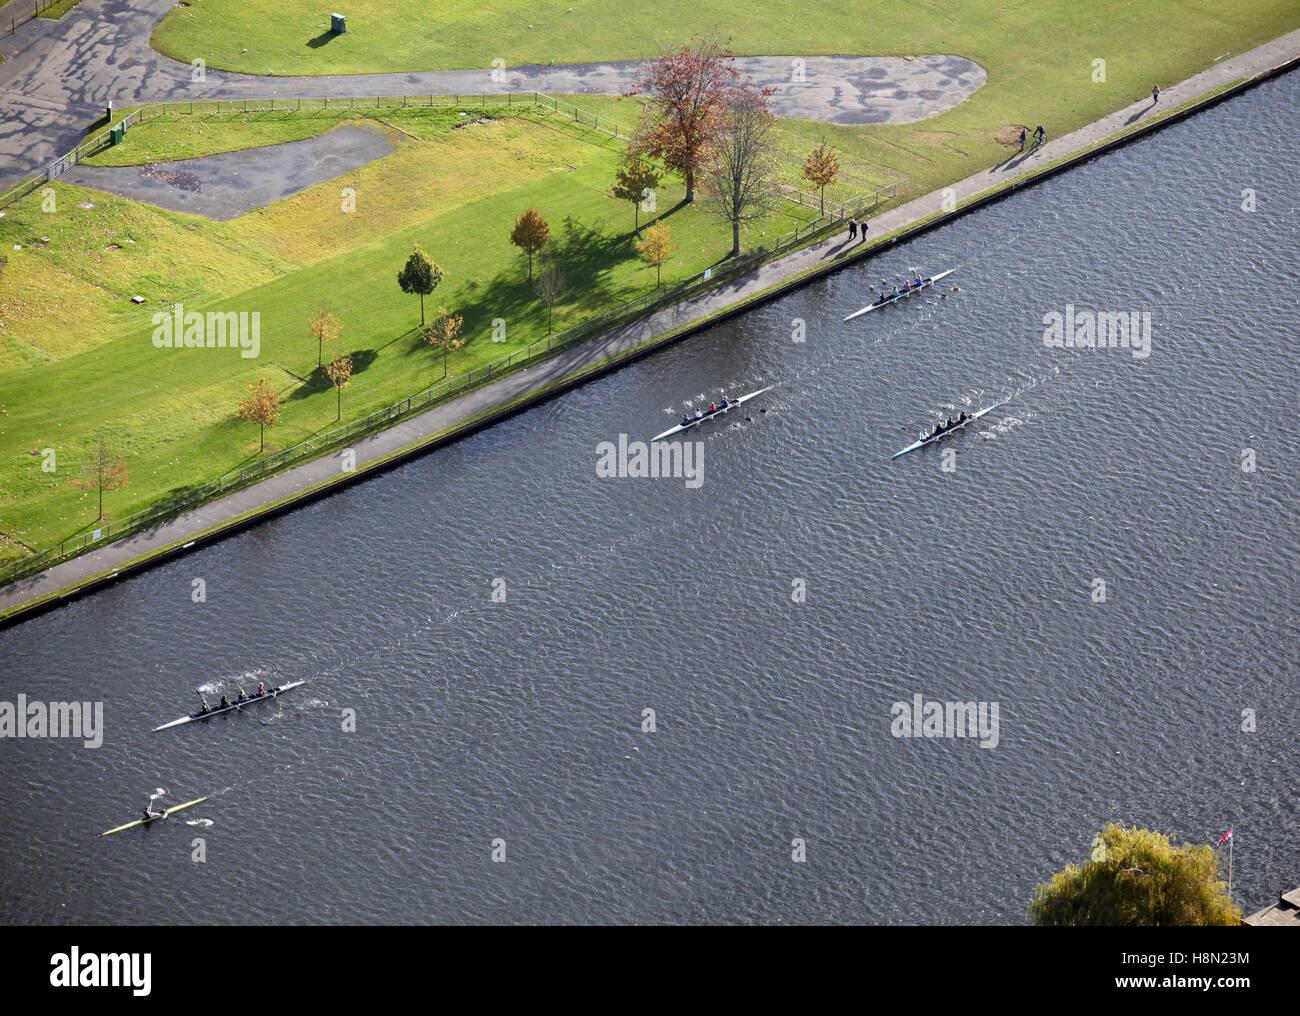 Vista aerea di sportivi canottaggio sul fiume Tamigi a Henley-on-Thames, Regno Unito Immagini Stock